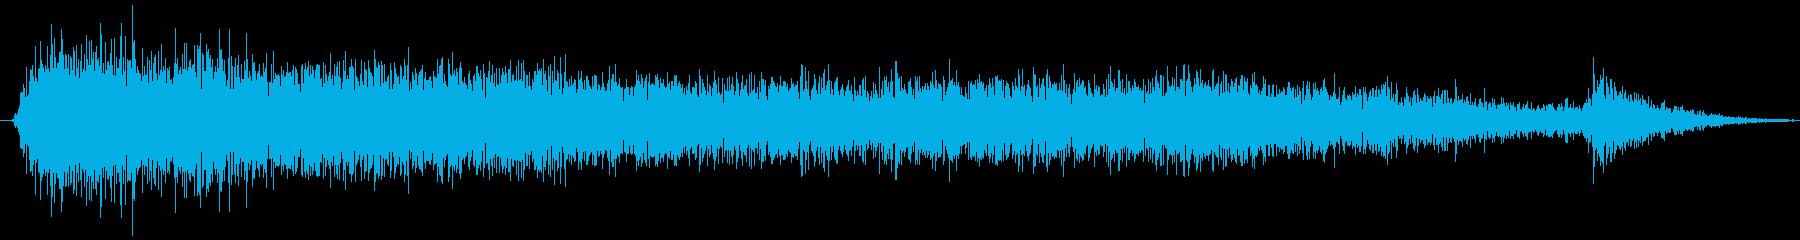 スモールエアバルブ:シングルブラス...の再生済みの波形